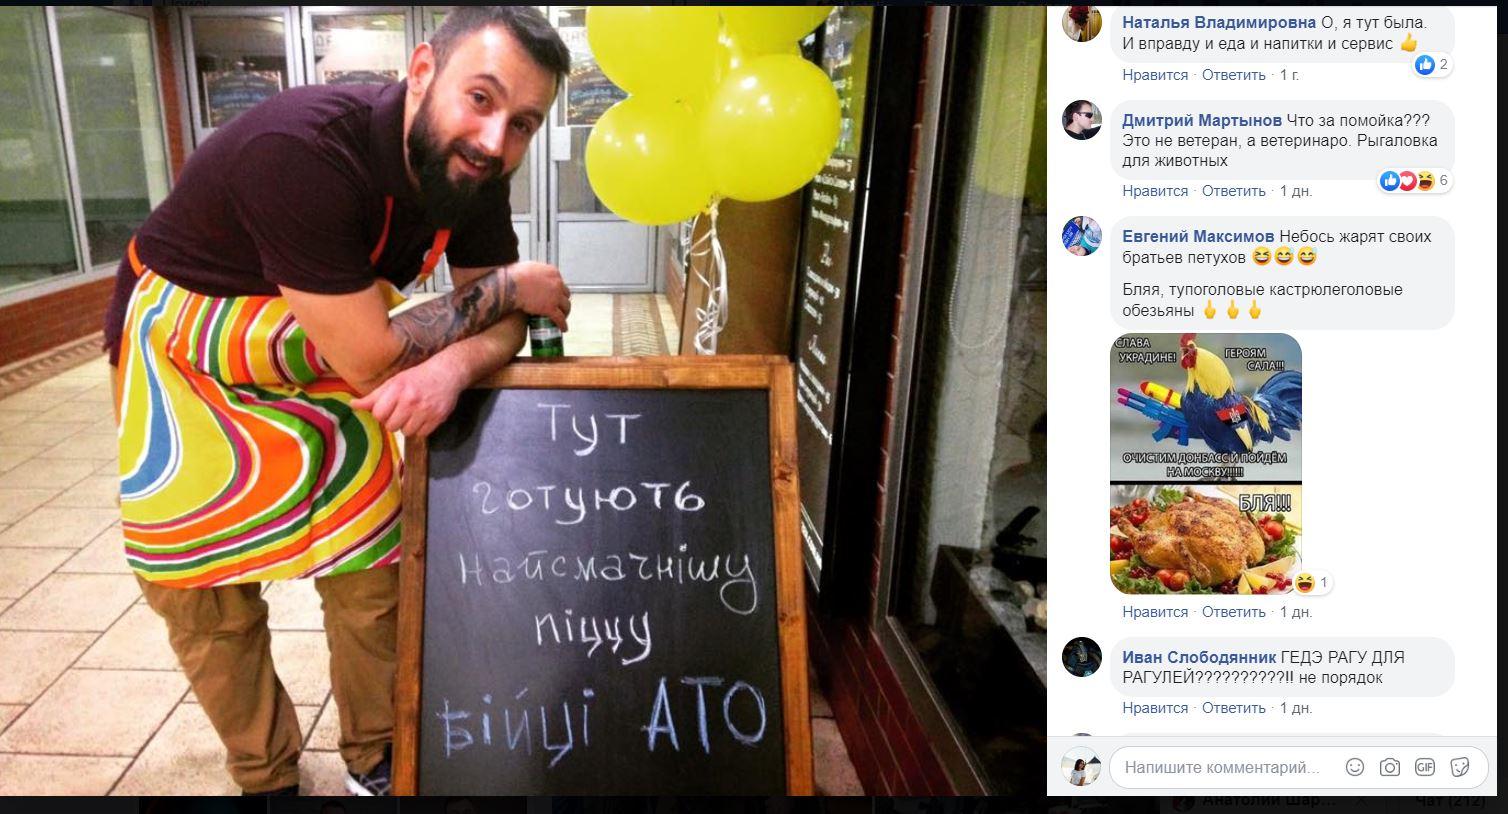 Негативные комментарии на странице Леонида Остальцева